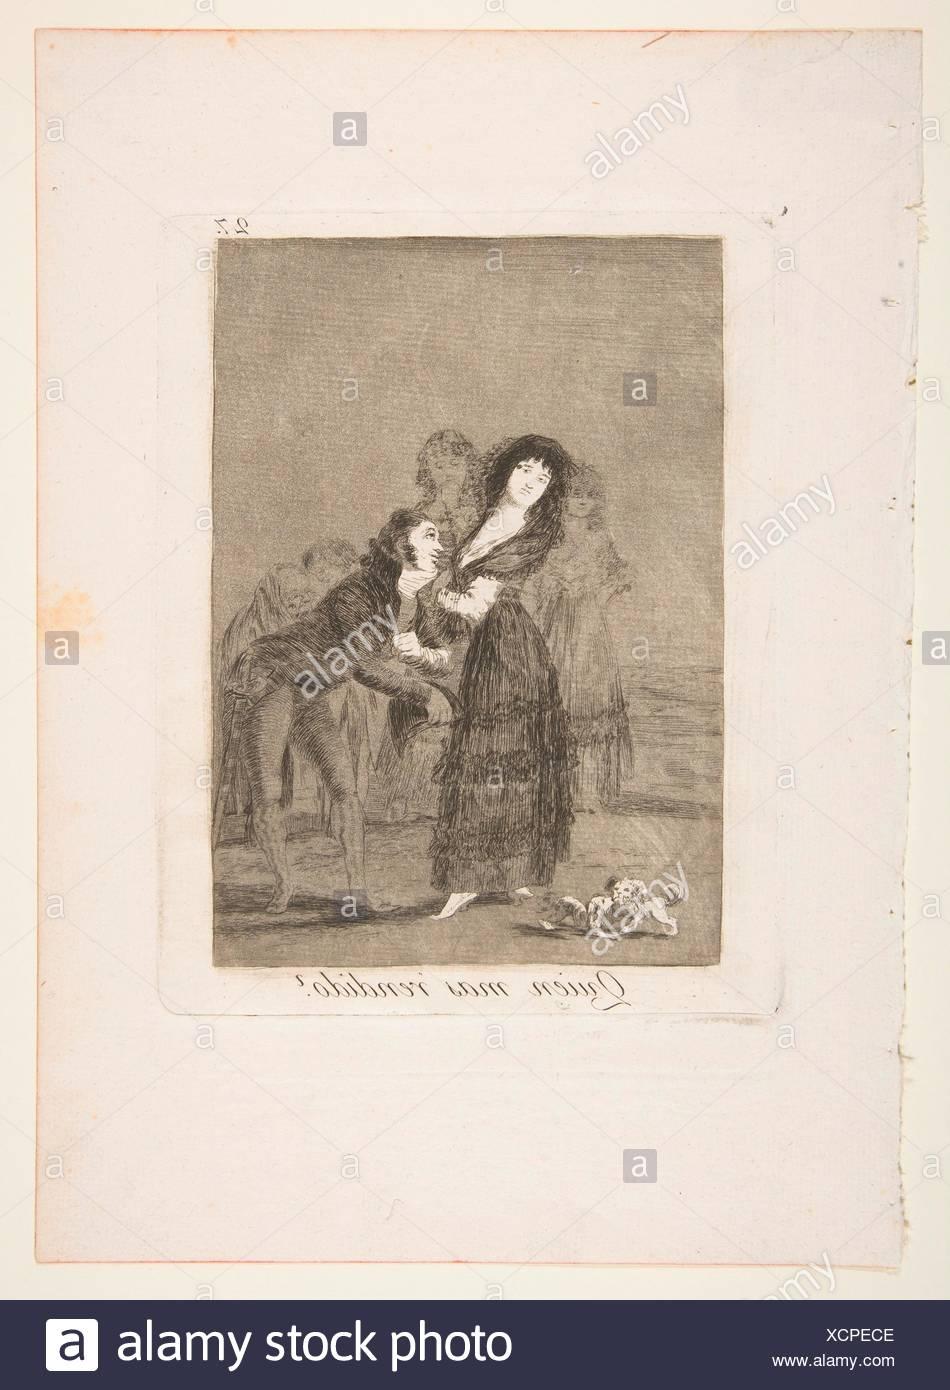 27 Chapa de 'Los Caprichos':cual de ellas es la más superar? (Quien mas rendido?). Series/cartera: Los Caprichos; Artista: Francisco de Goya ( Imagen De Stock